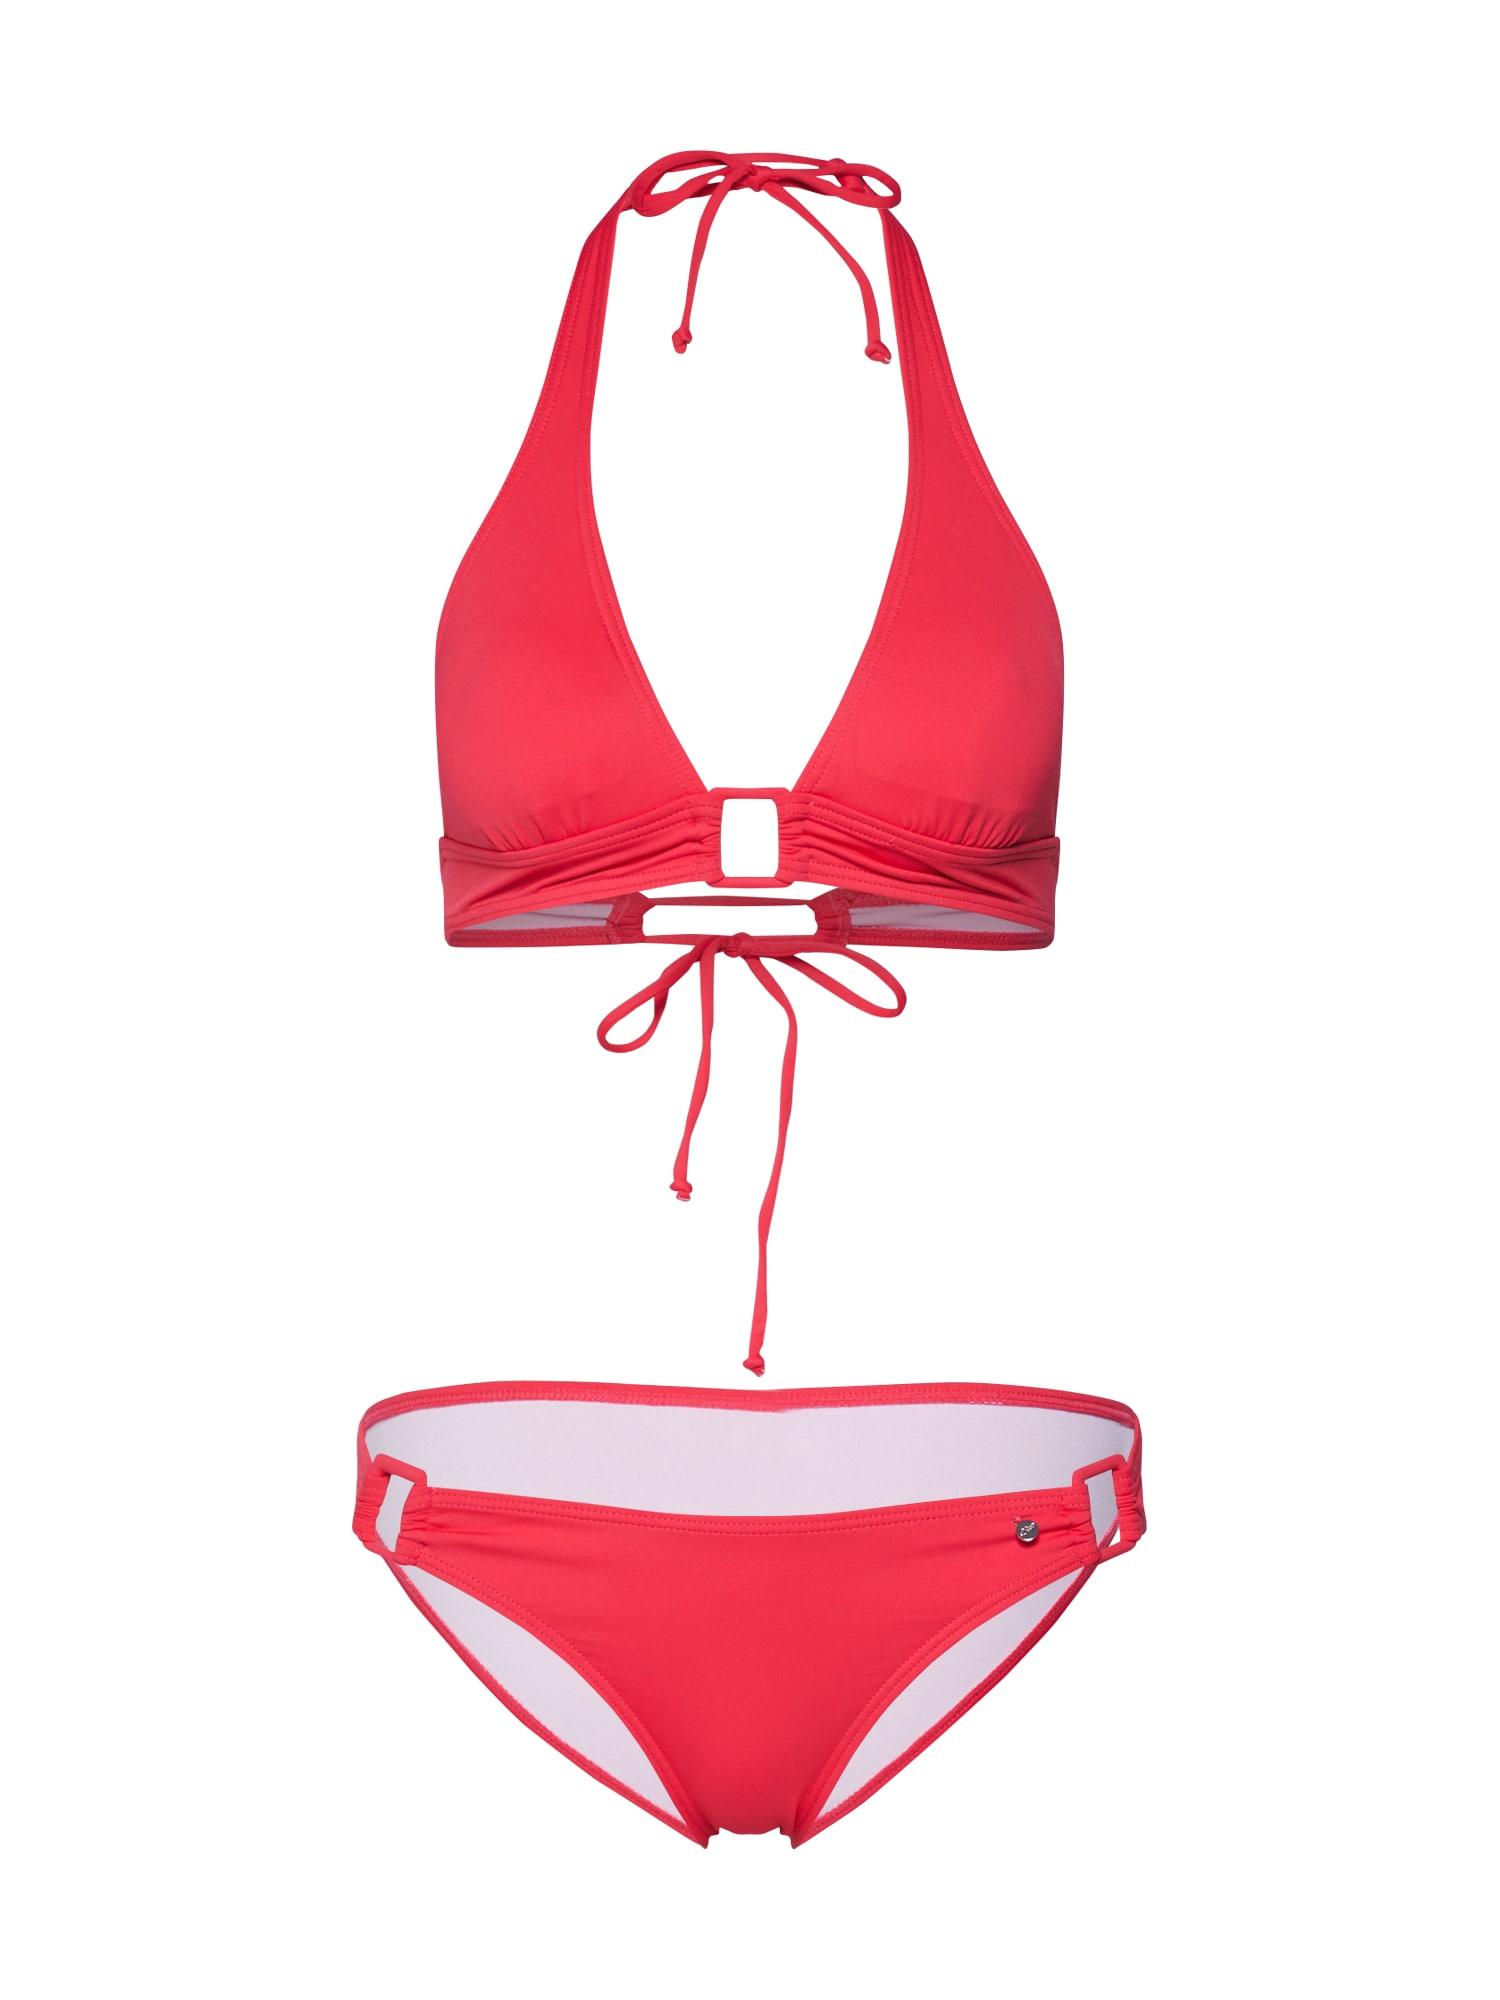 s.Oliver Bikinis šviesiai raudona